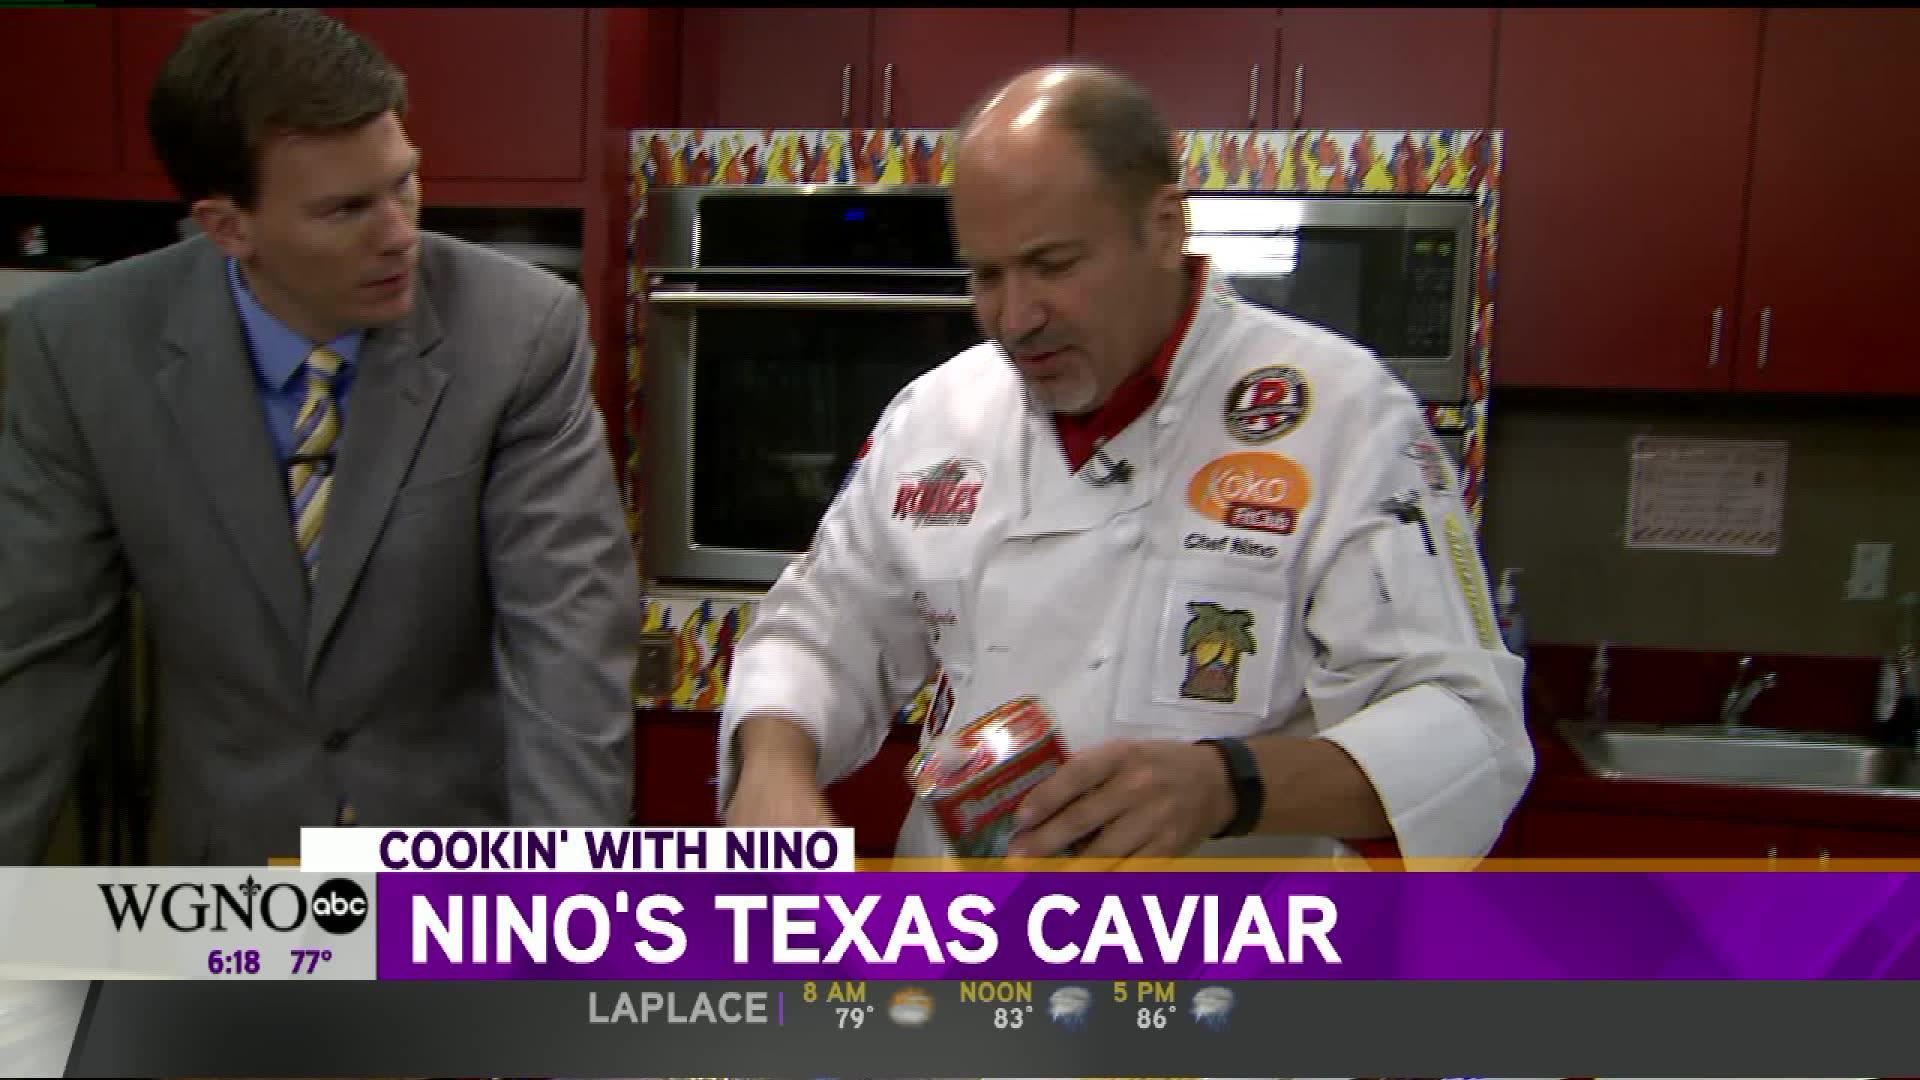 How To Make Texas Caviar